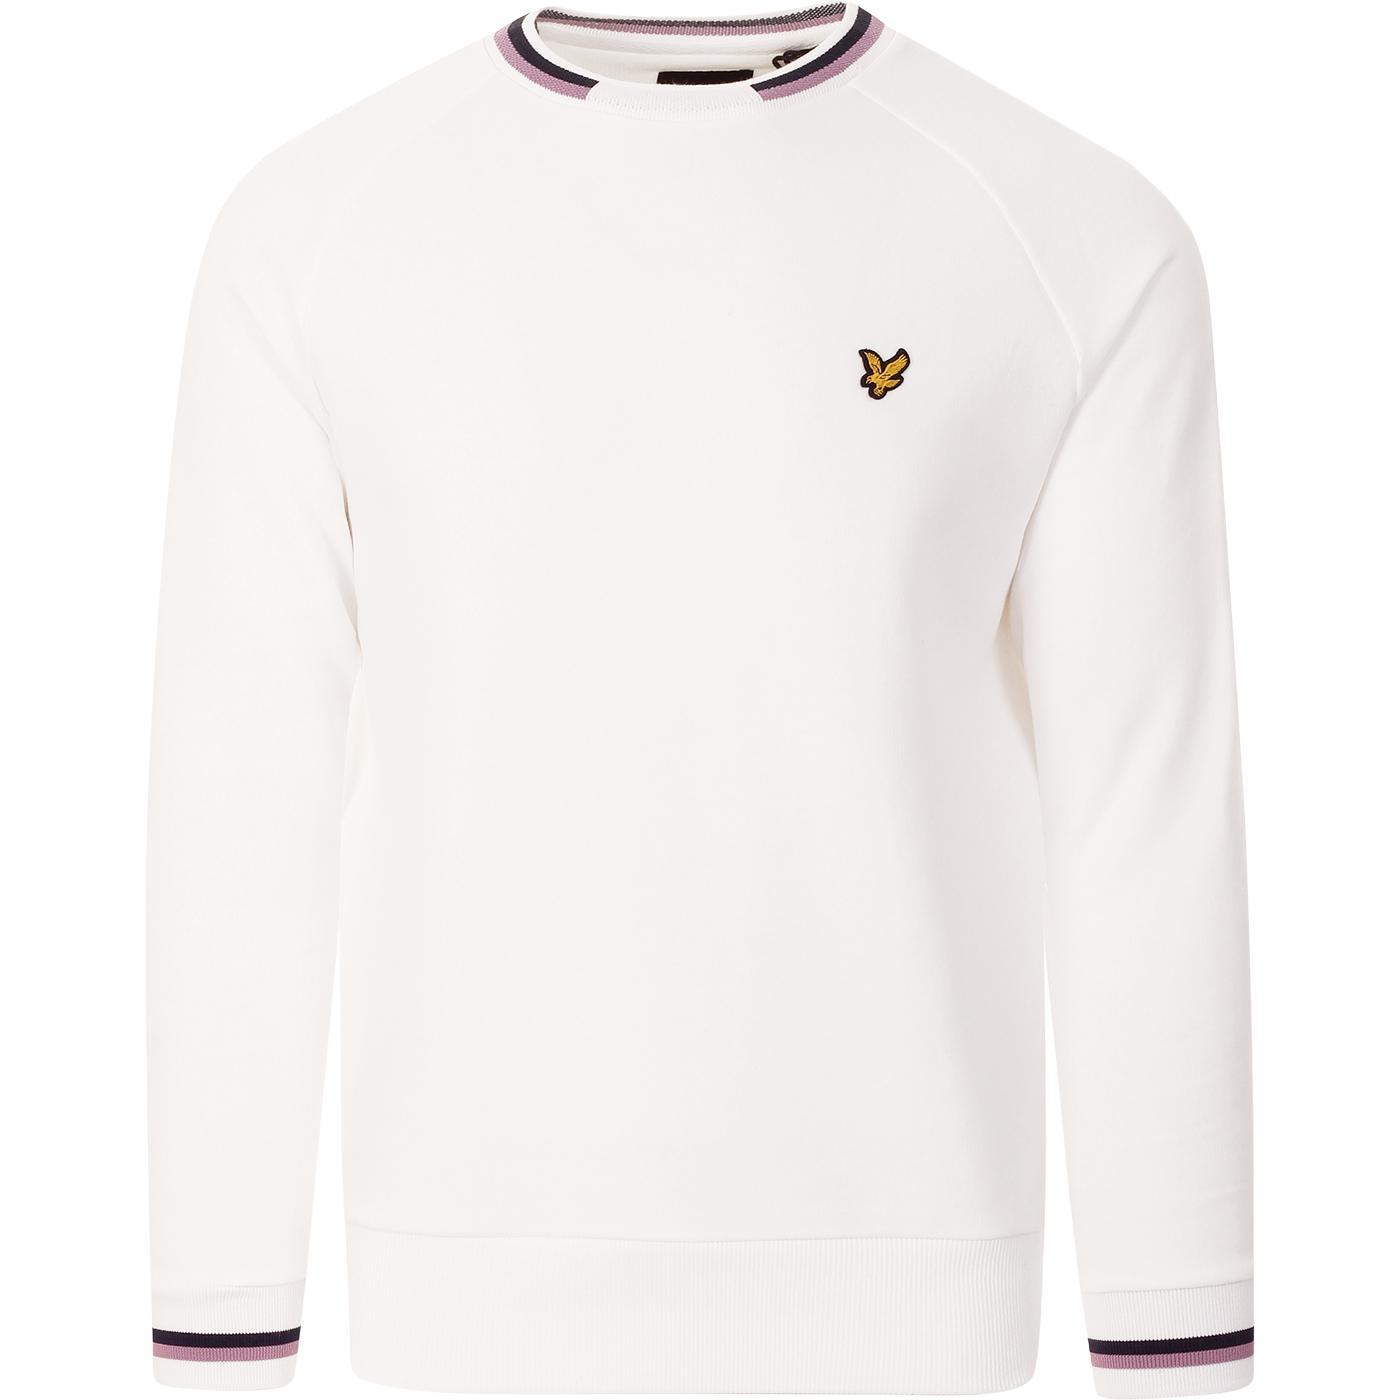 LYLE & SCOTT Retro Double Tipped Sweatshirt (W)